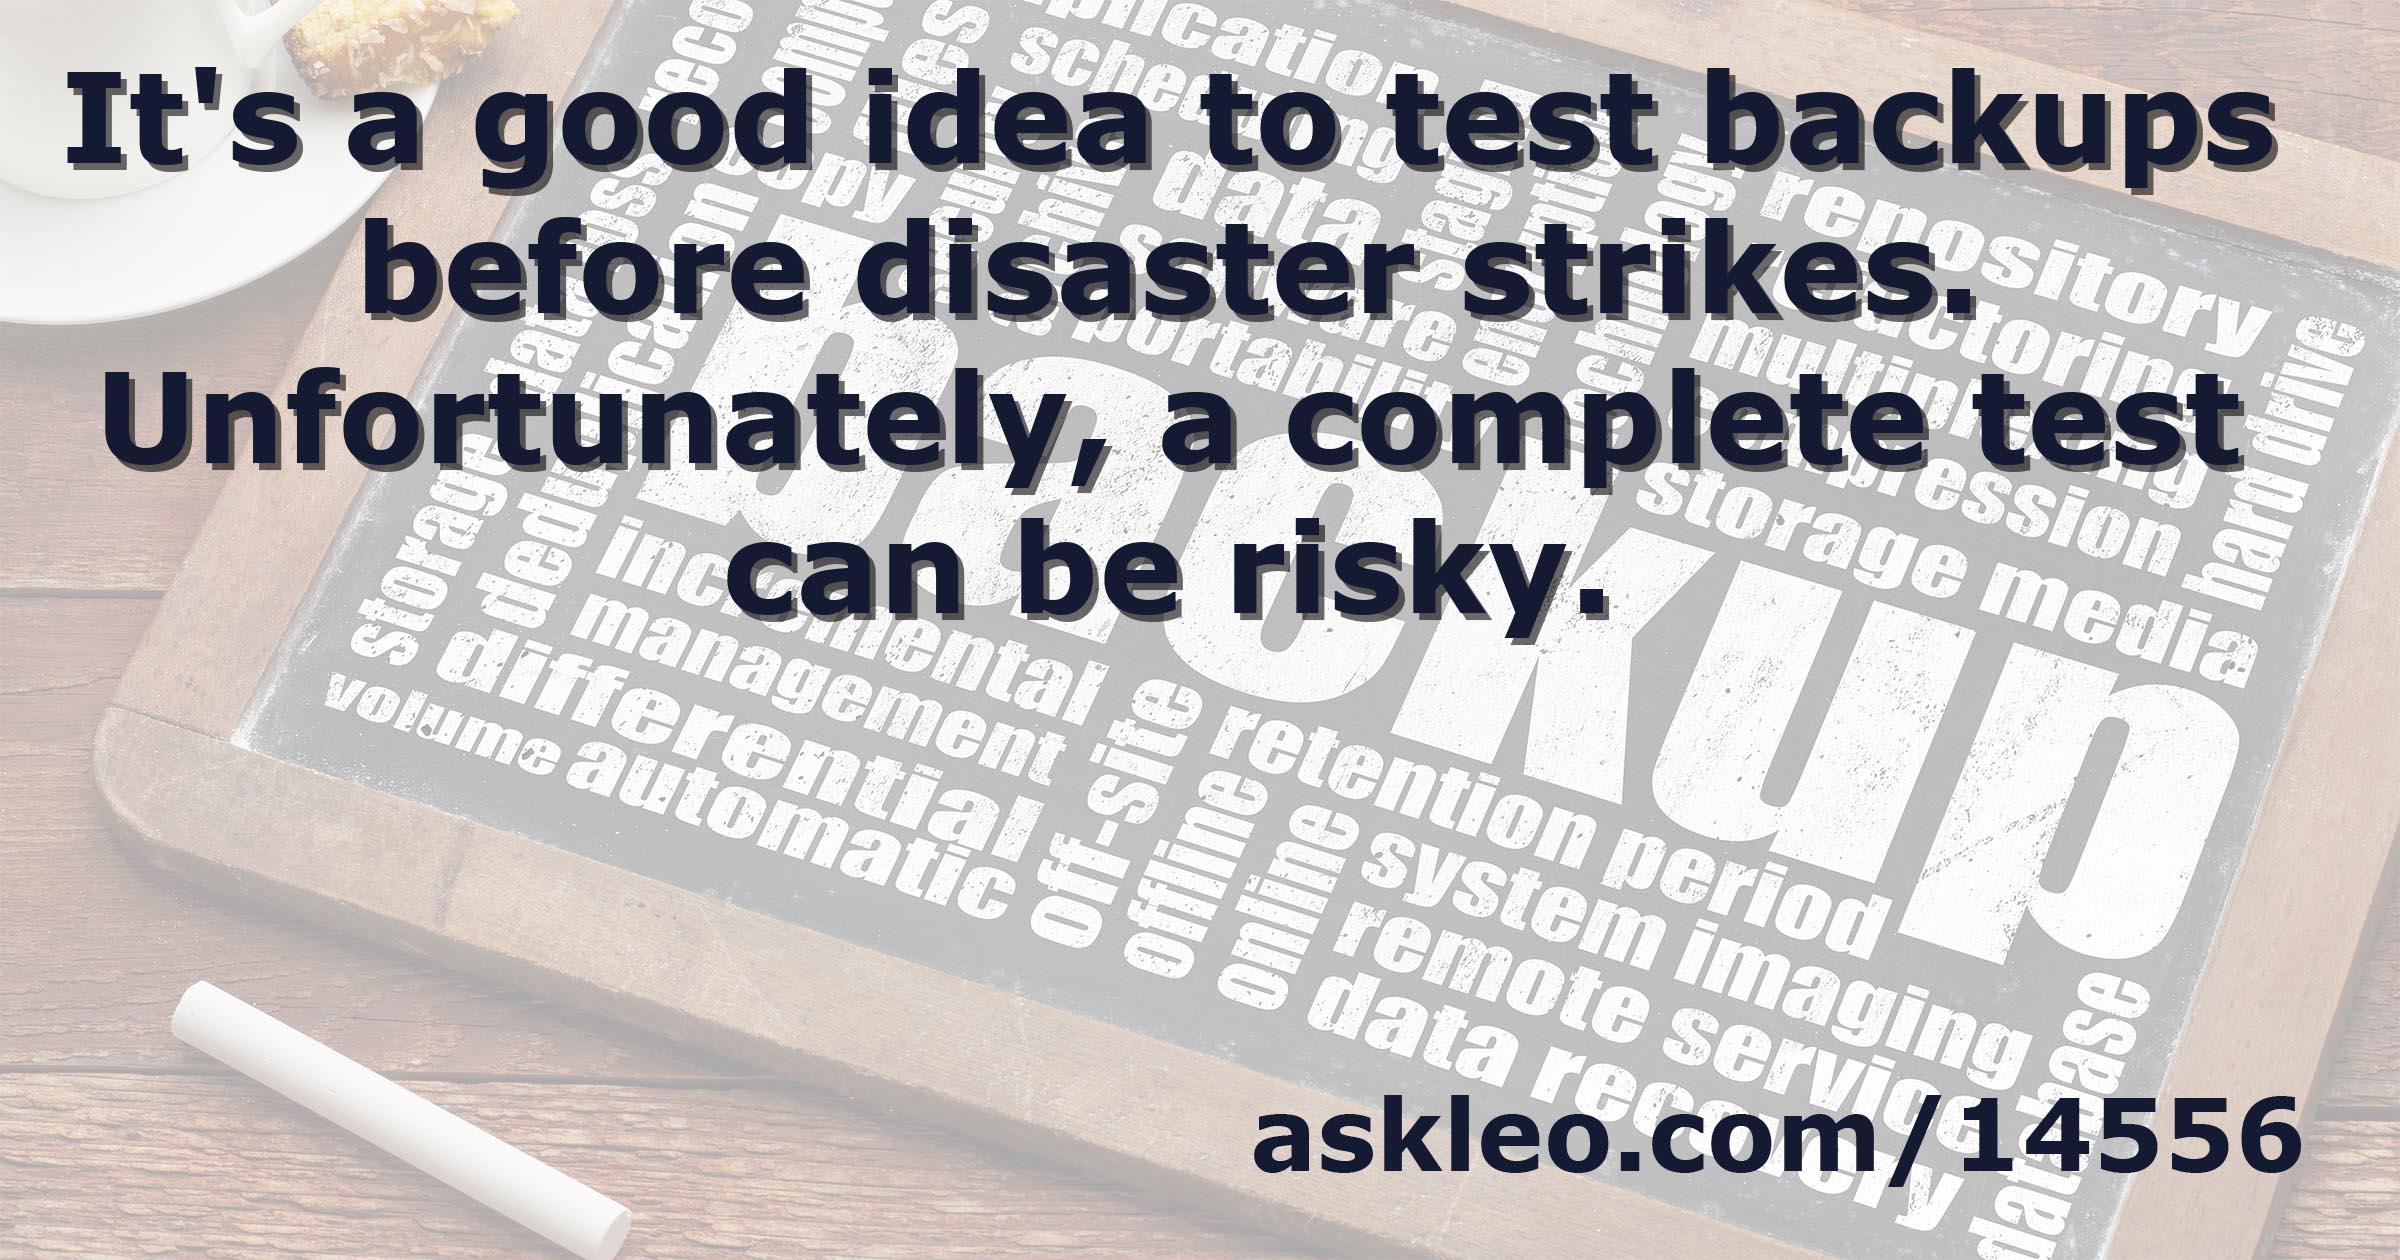 How Do I Test Backups? - Ask Leo!